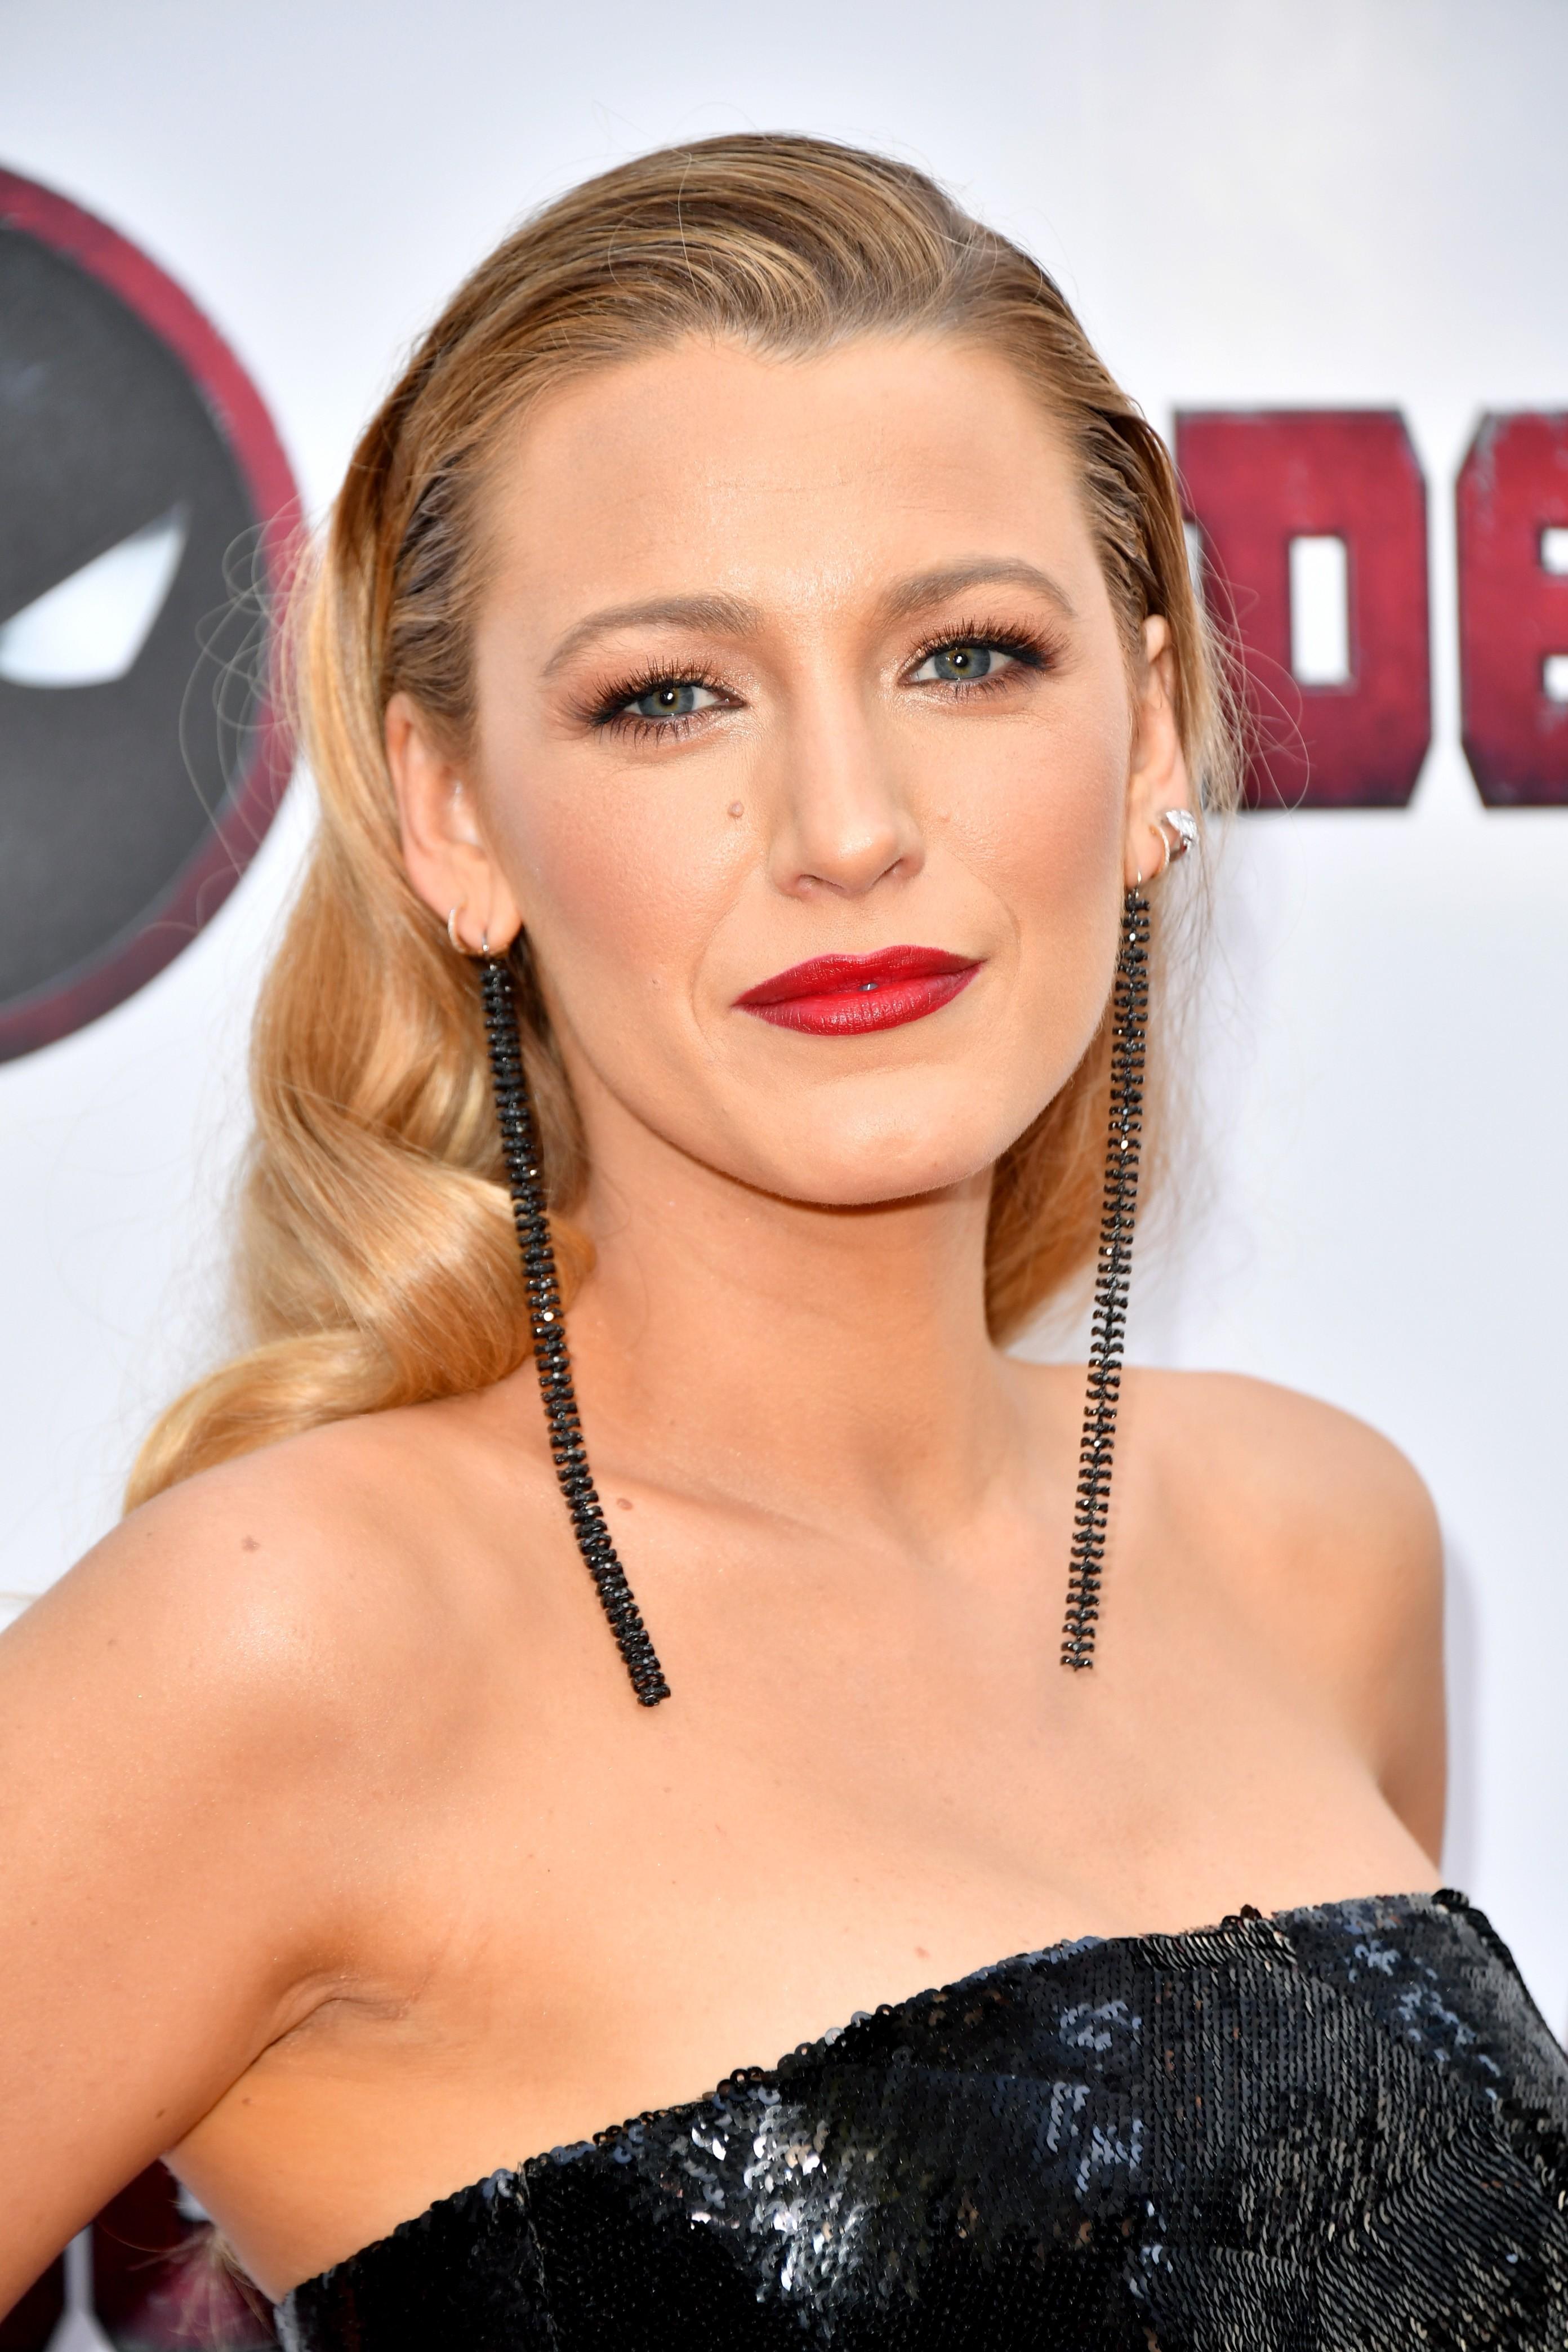 Blake Lively na estreia de Deadpool 2 em 14 de março em Nova York (Foto: Getty Images)